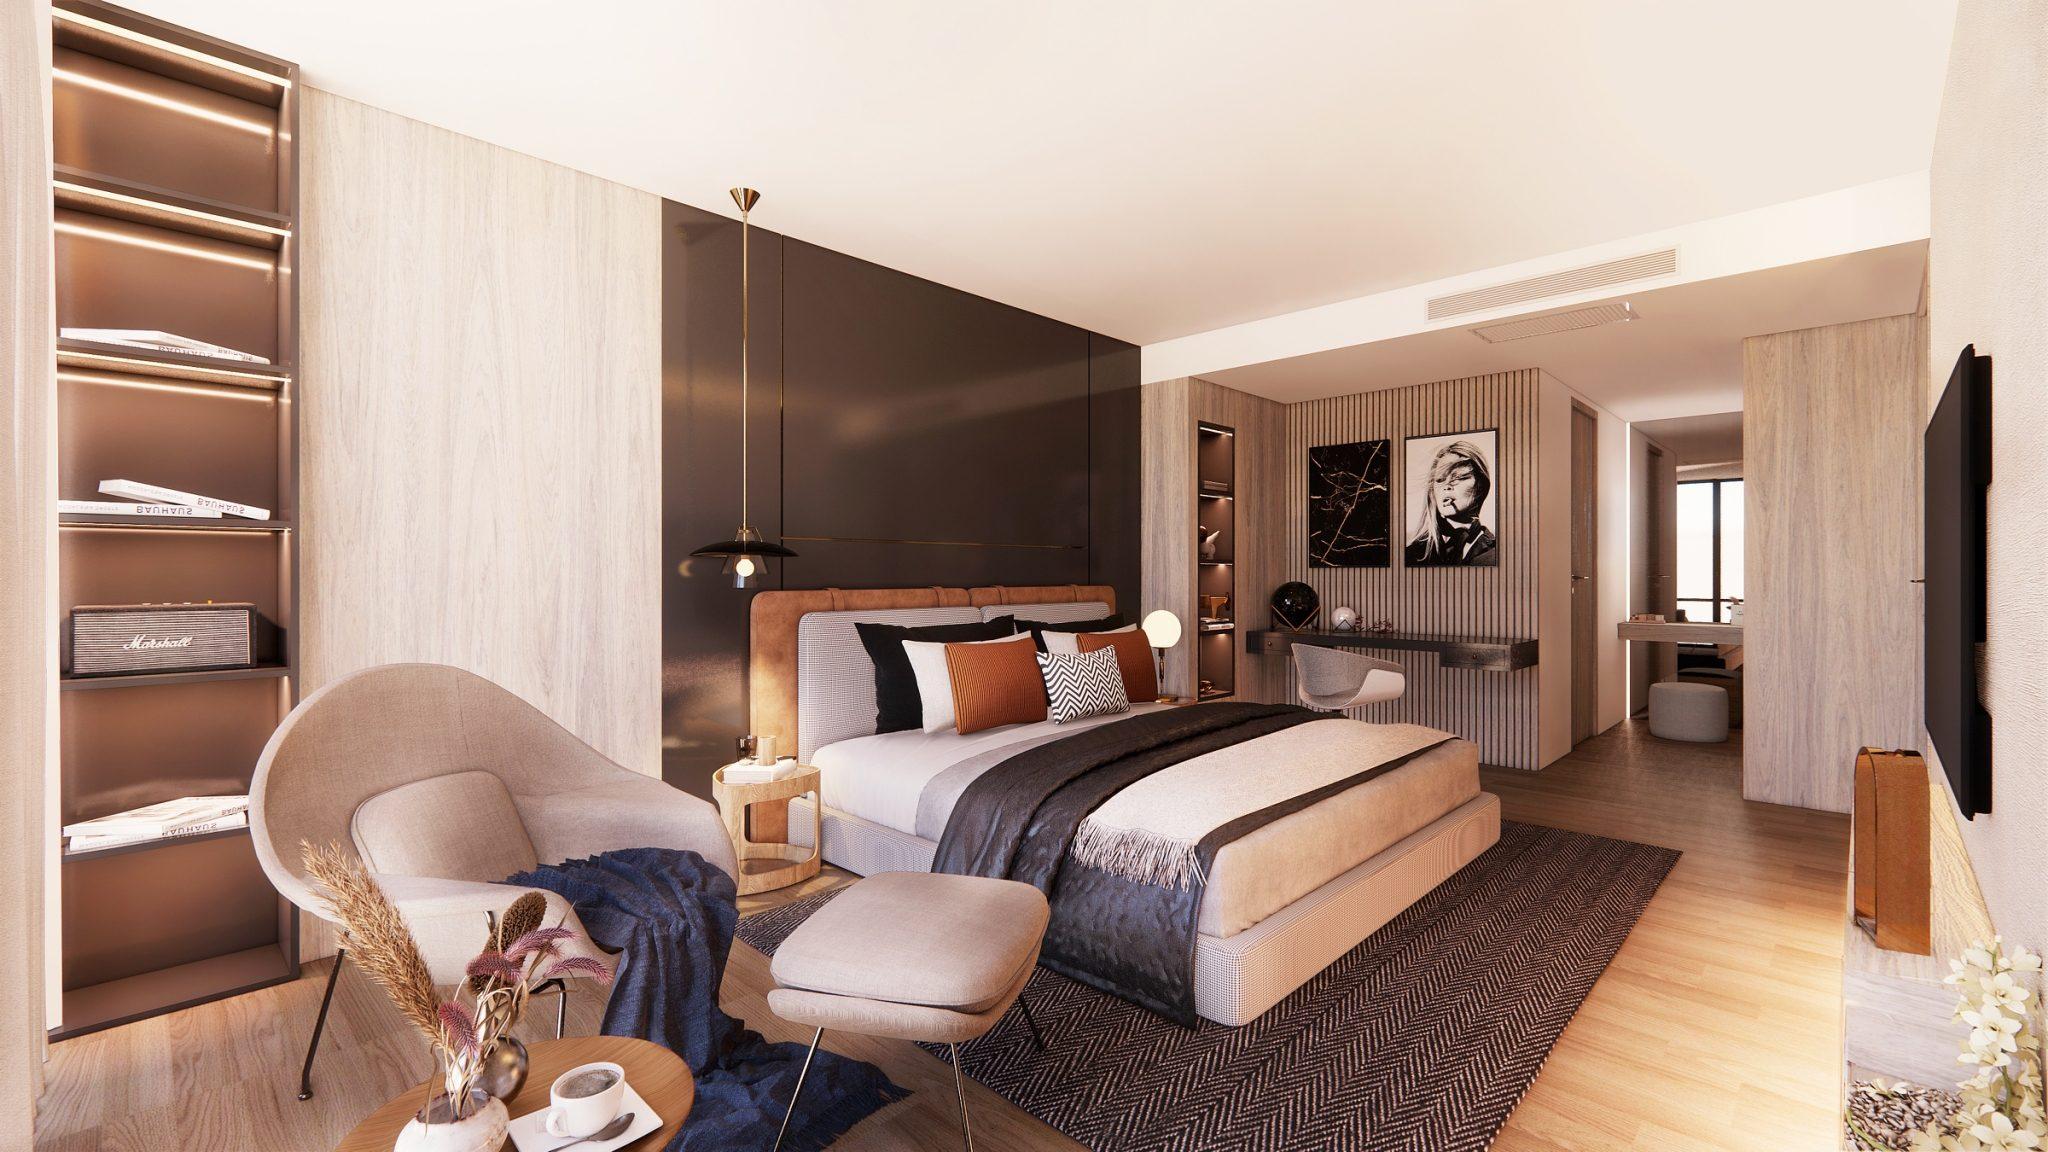 Bedroom interior design by Instyle Deco Paris